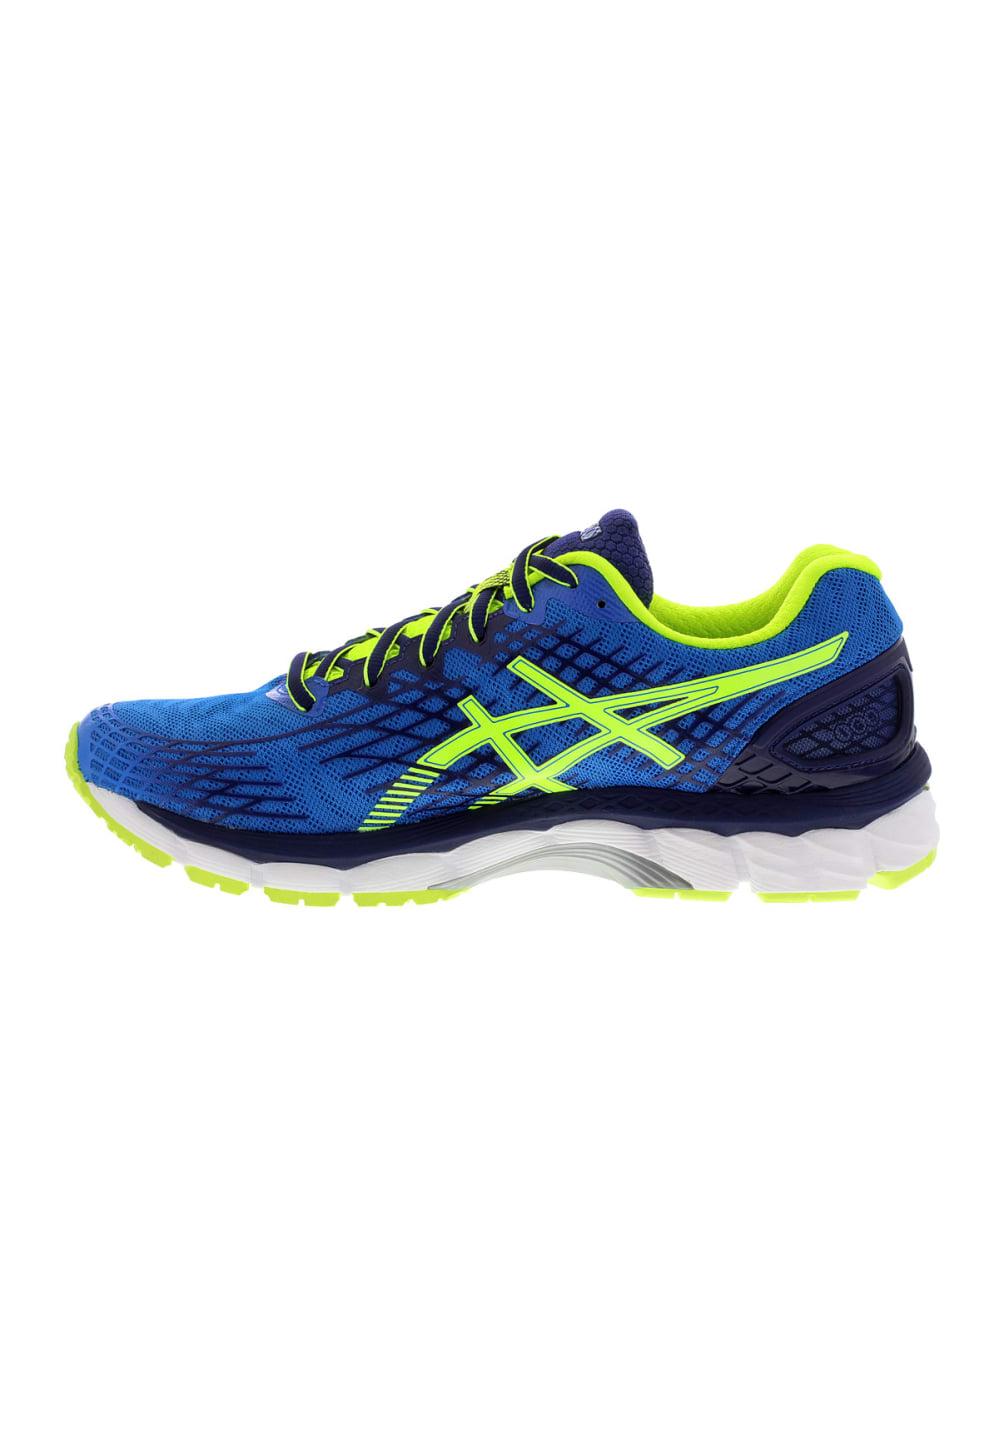 ASICS GEL-Nimbus 17 - Laufschuhe für Herren - Blau